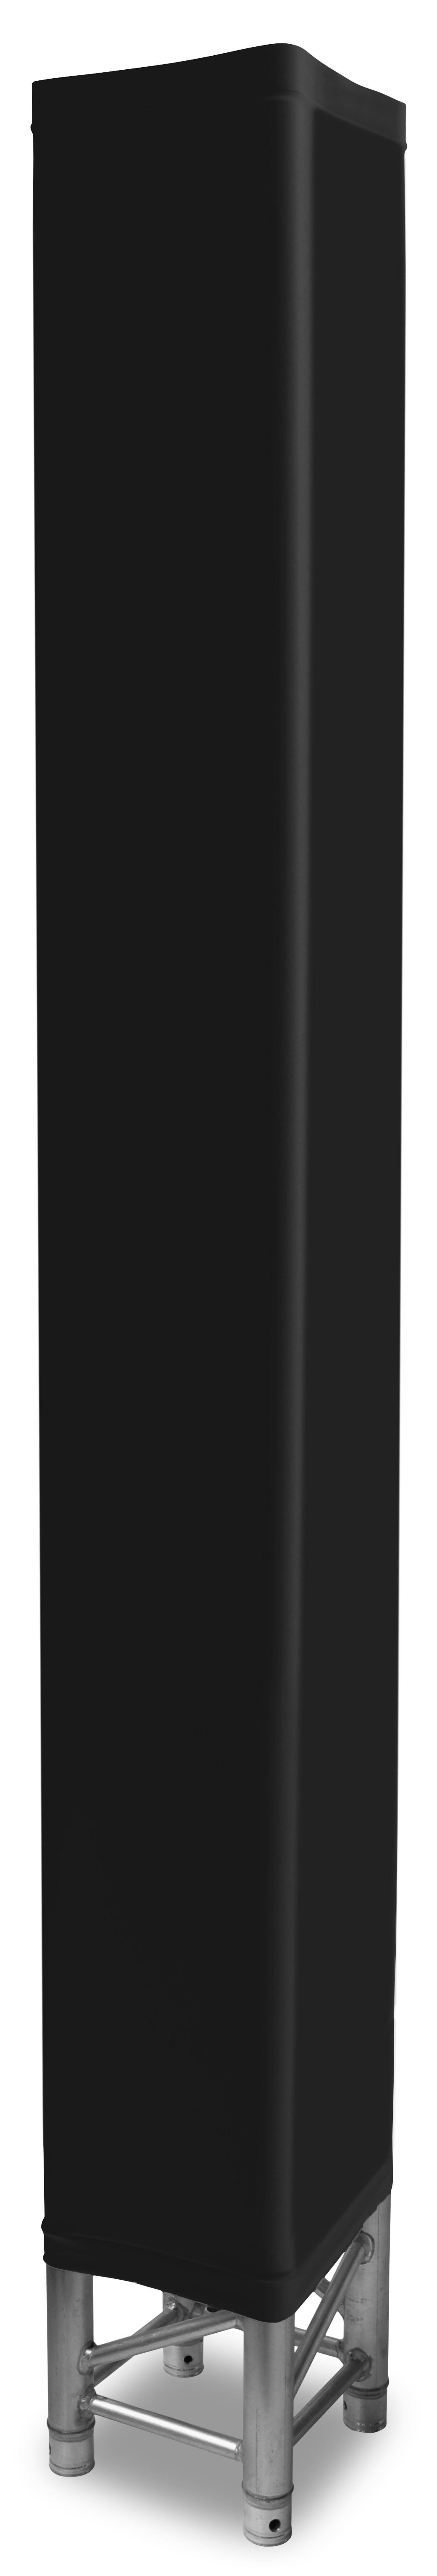 Návlek na konstrukci, 2 m, černý